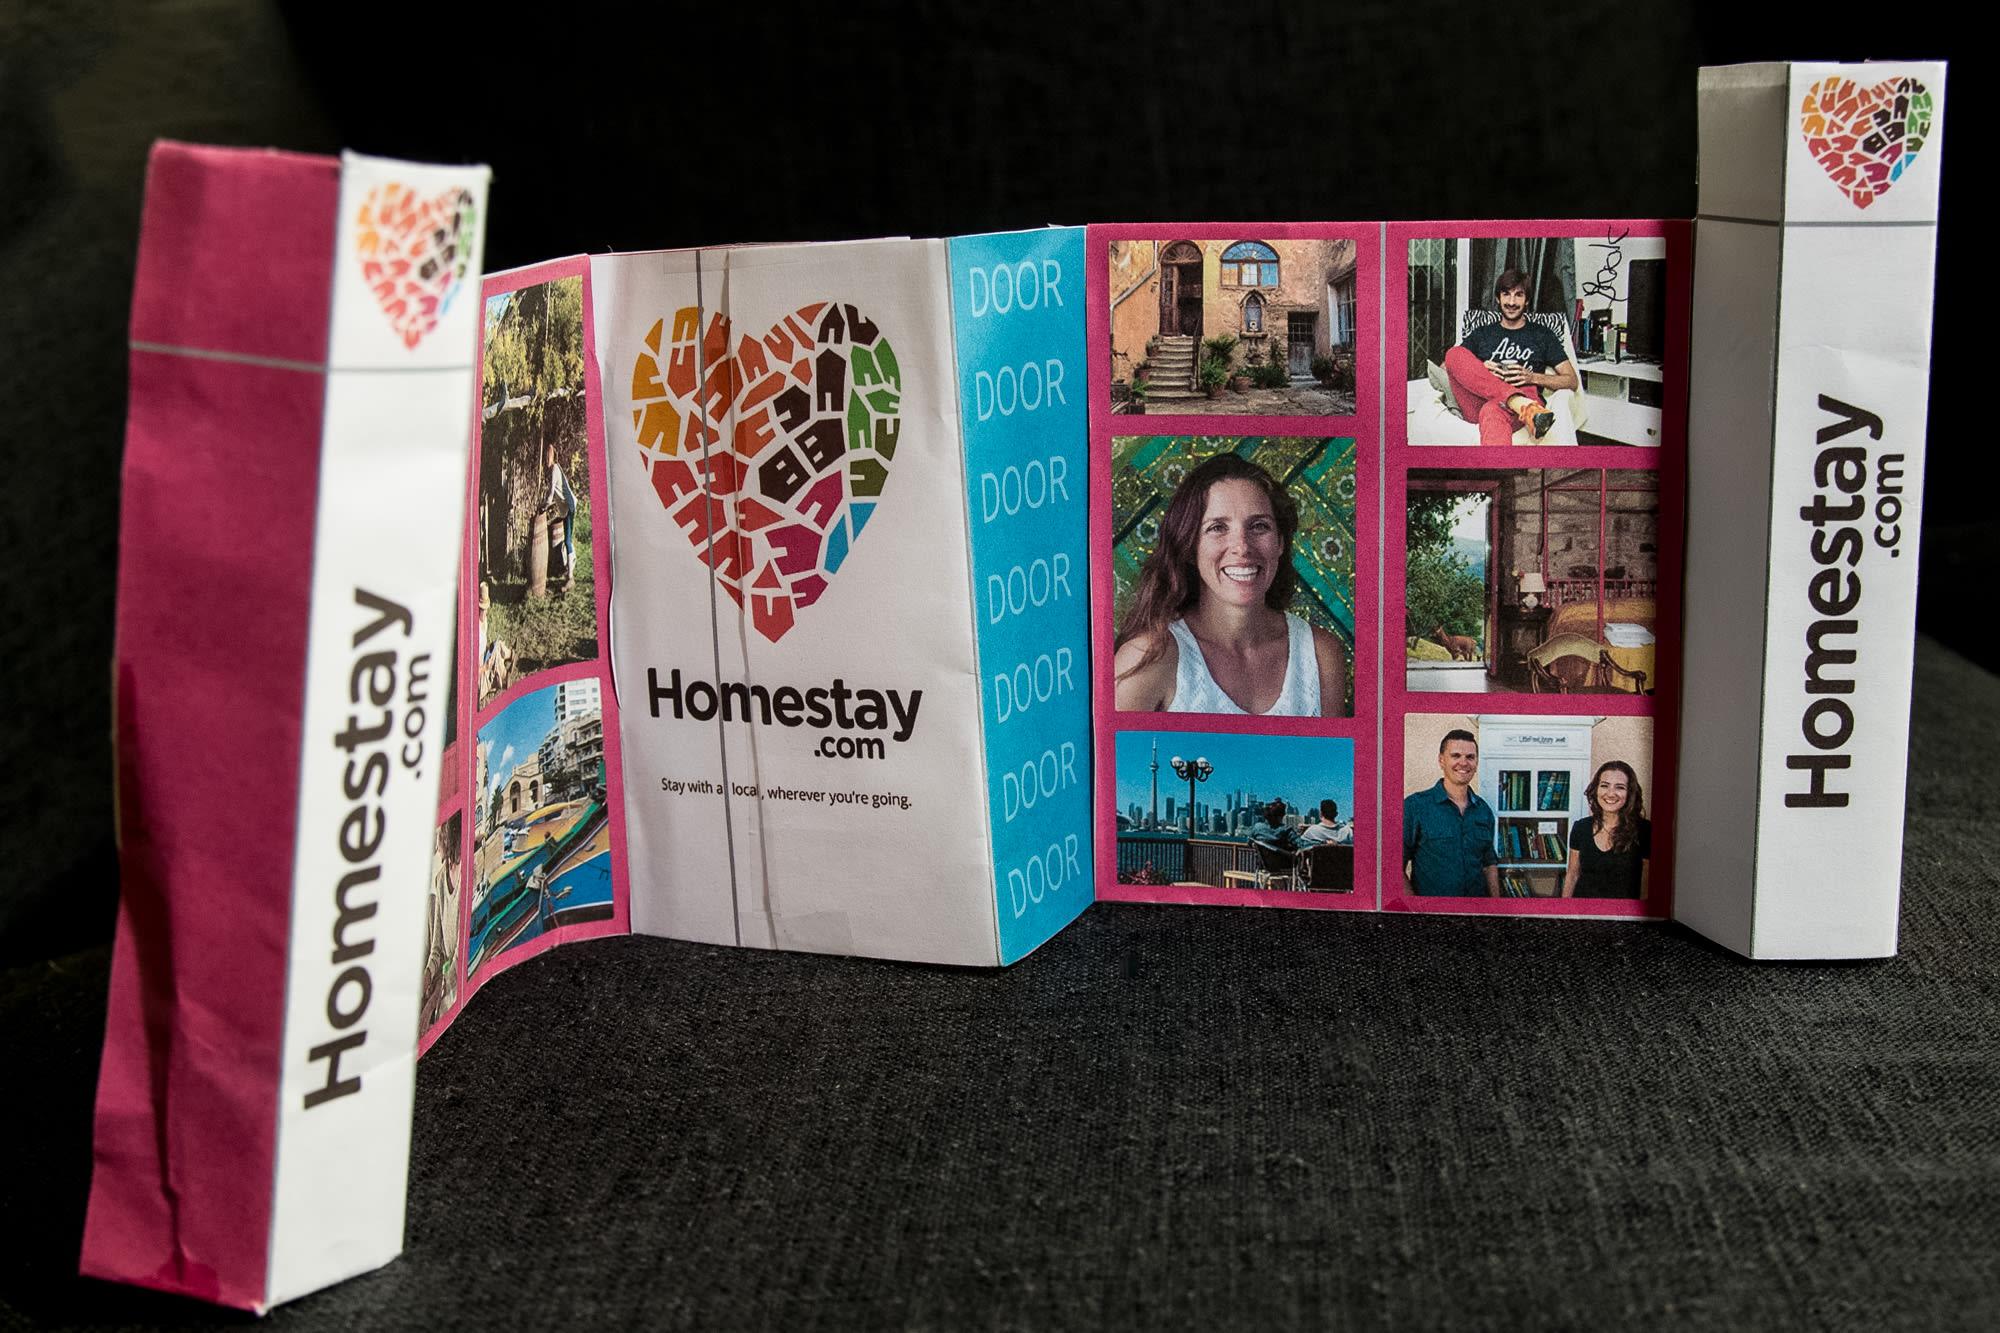 Homestay.com (13 of 13)